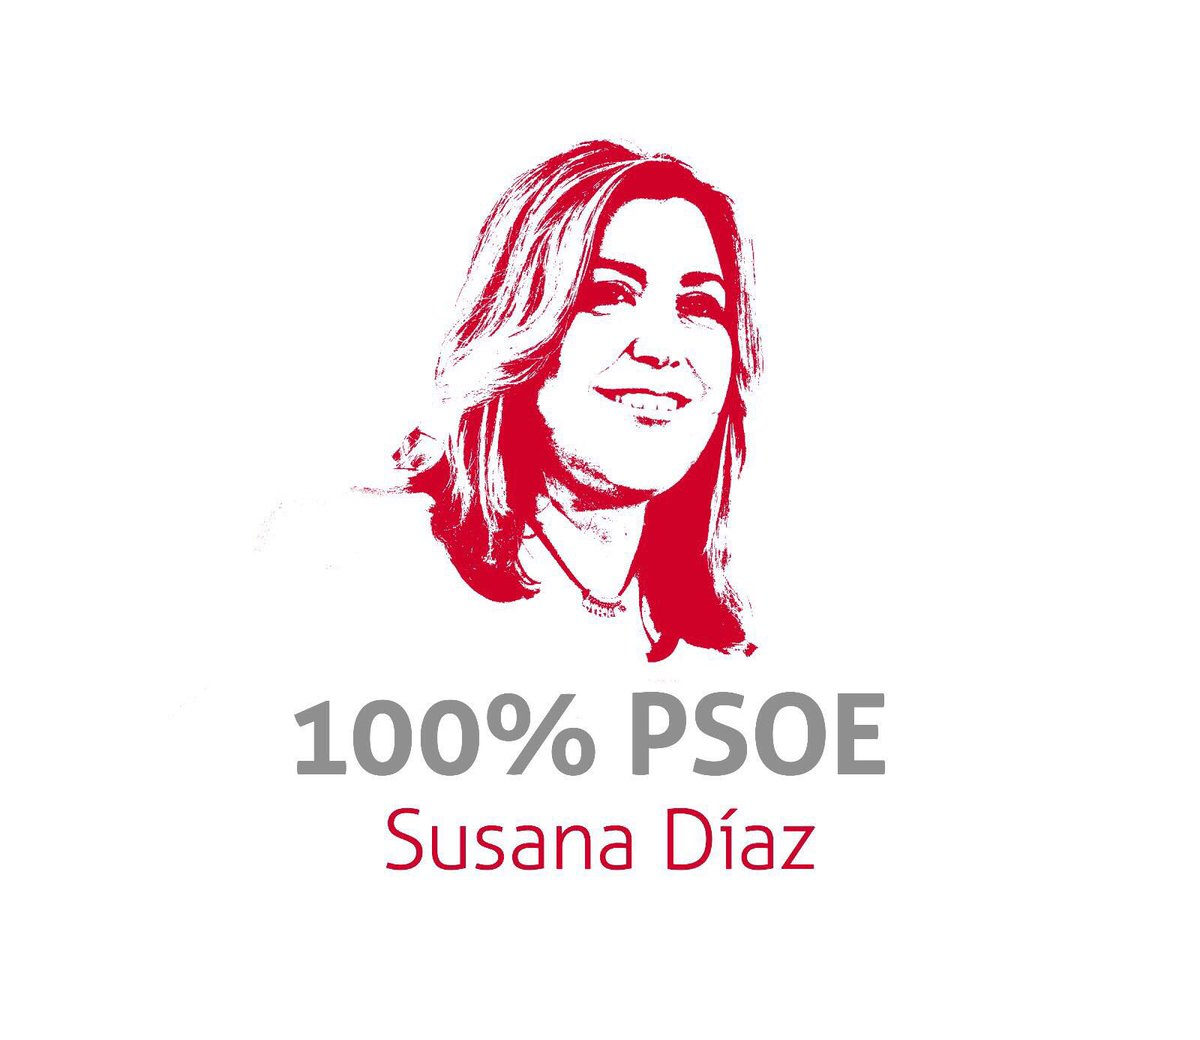 Ahora sí que sí, muchos sentimientos, pero por encima de todos con @susanadiaz #ILUSION #100por100PSOE<br>http://pic.twitter.com/qMbXLLbZON